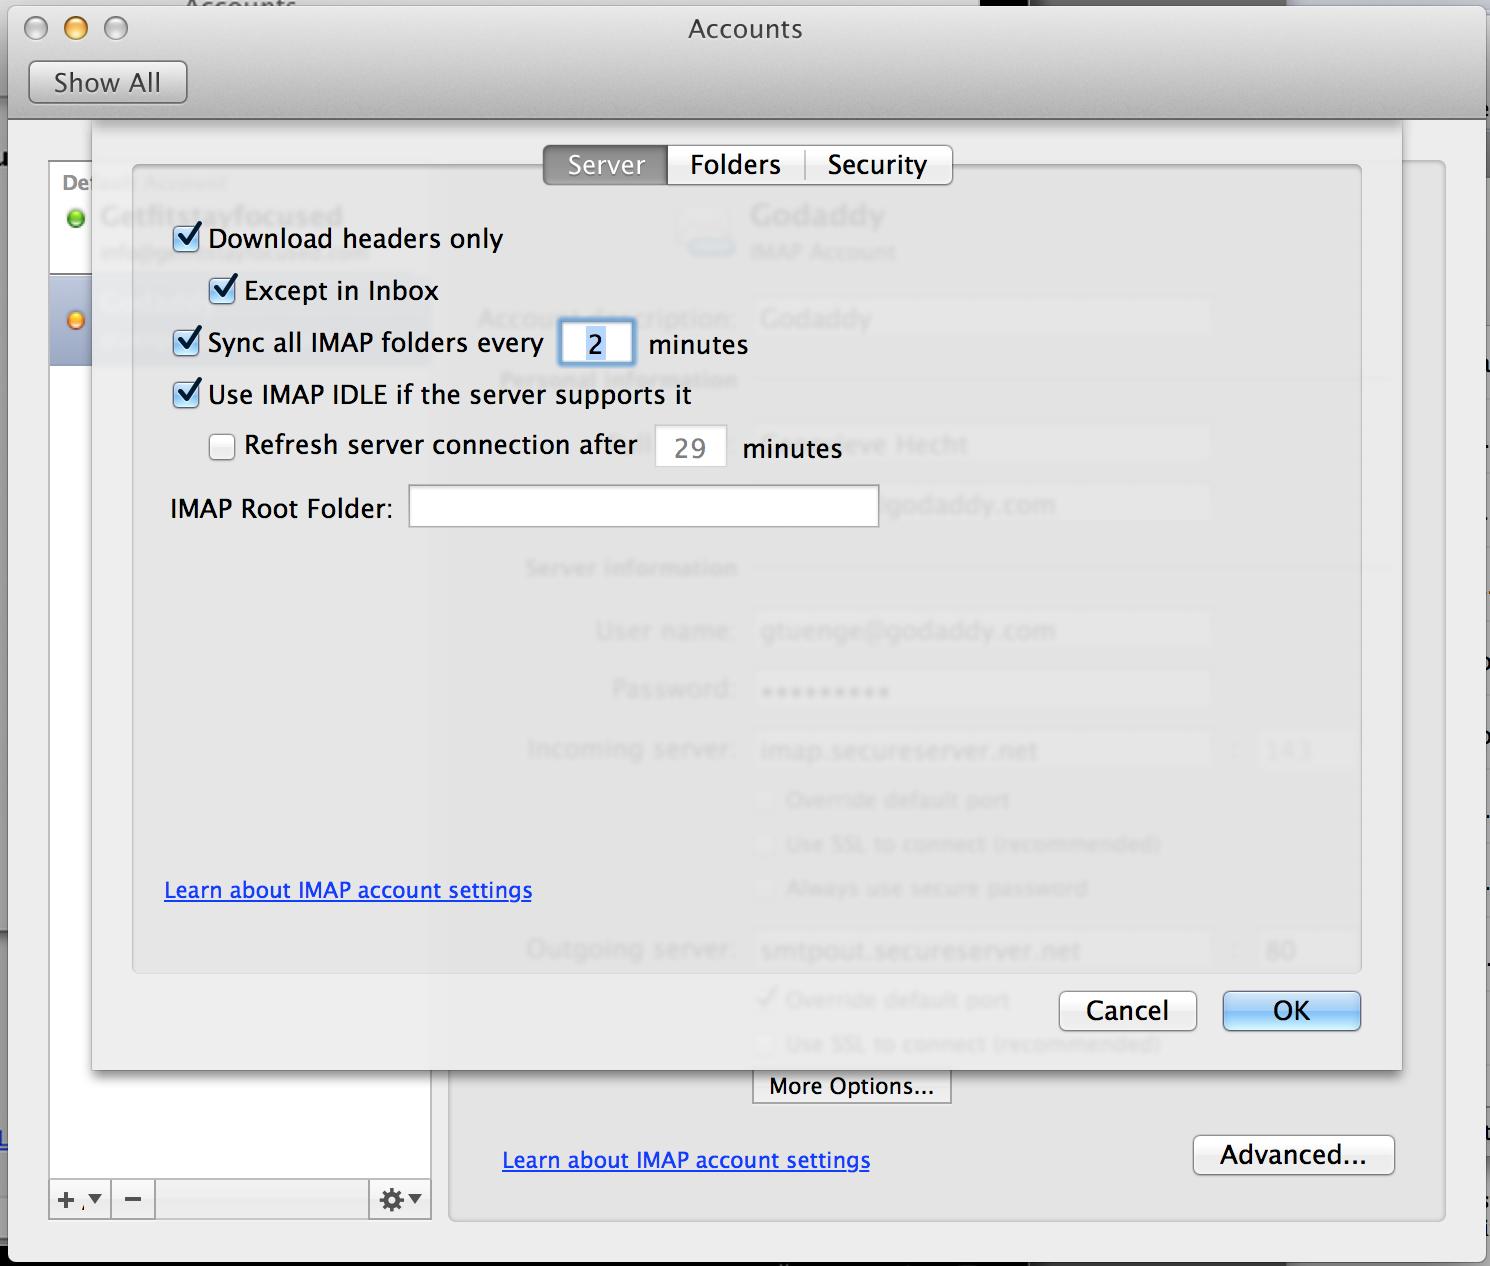 Outlook 2011 para Mac: Como configurar emails | Workspace